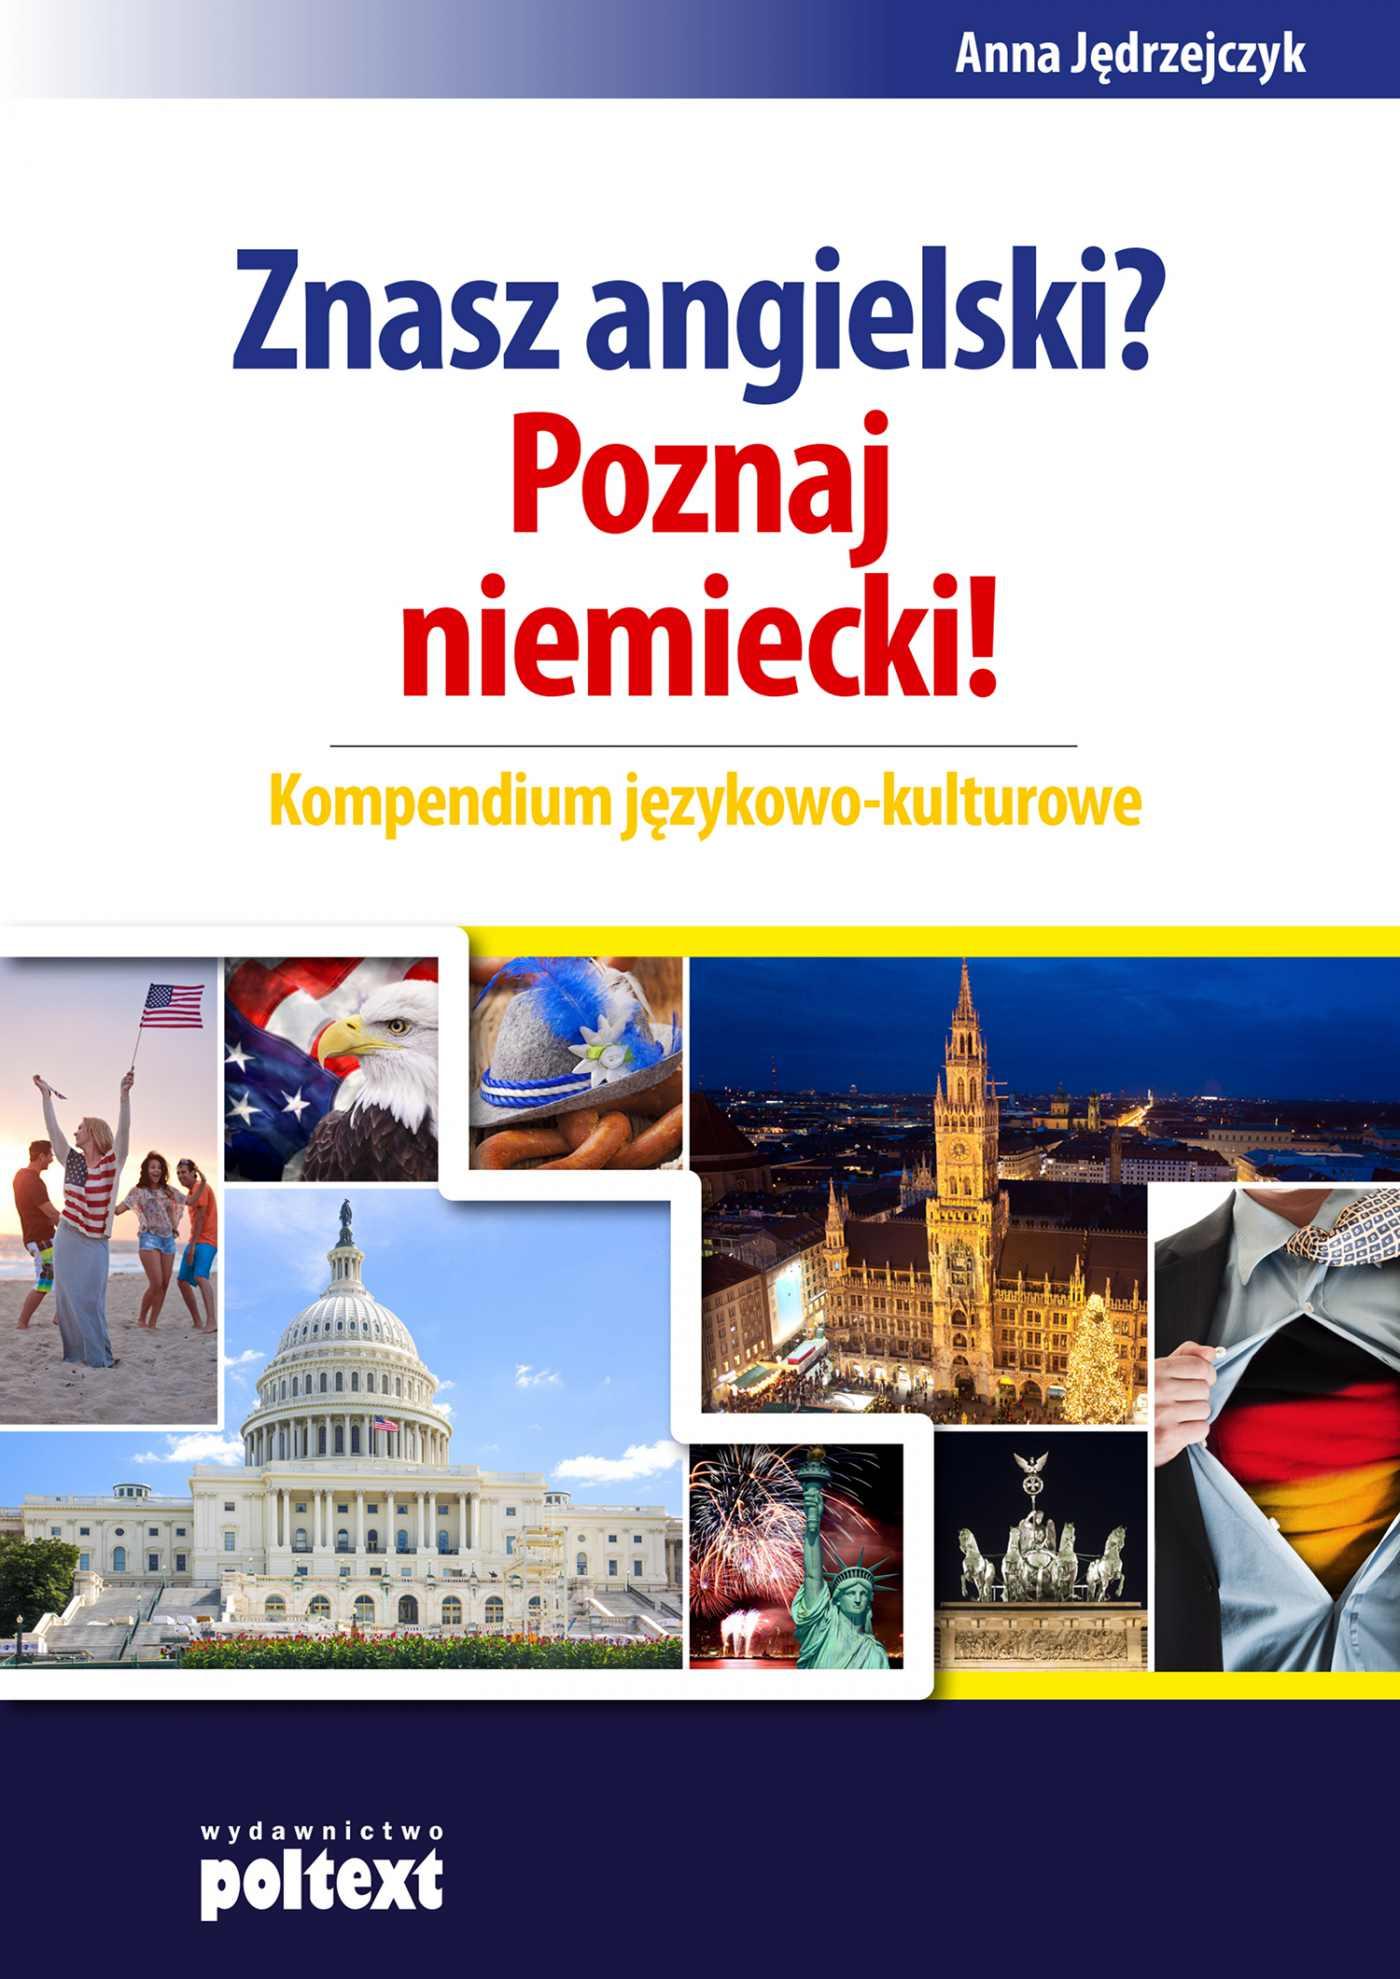 Znasz angielski? Poznaj niemiecki! Kompendium językowo-kulturowe - Ebook (Książka na Kindle) do pobrania w formacie MOBI